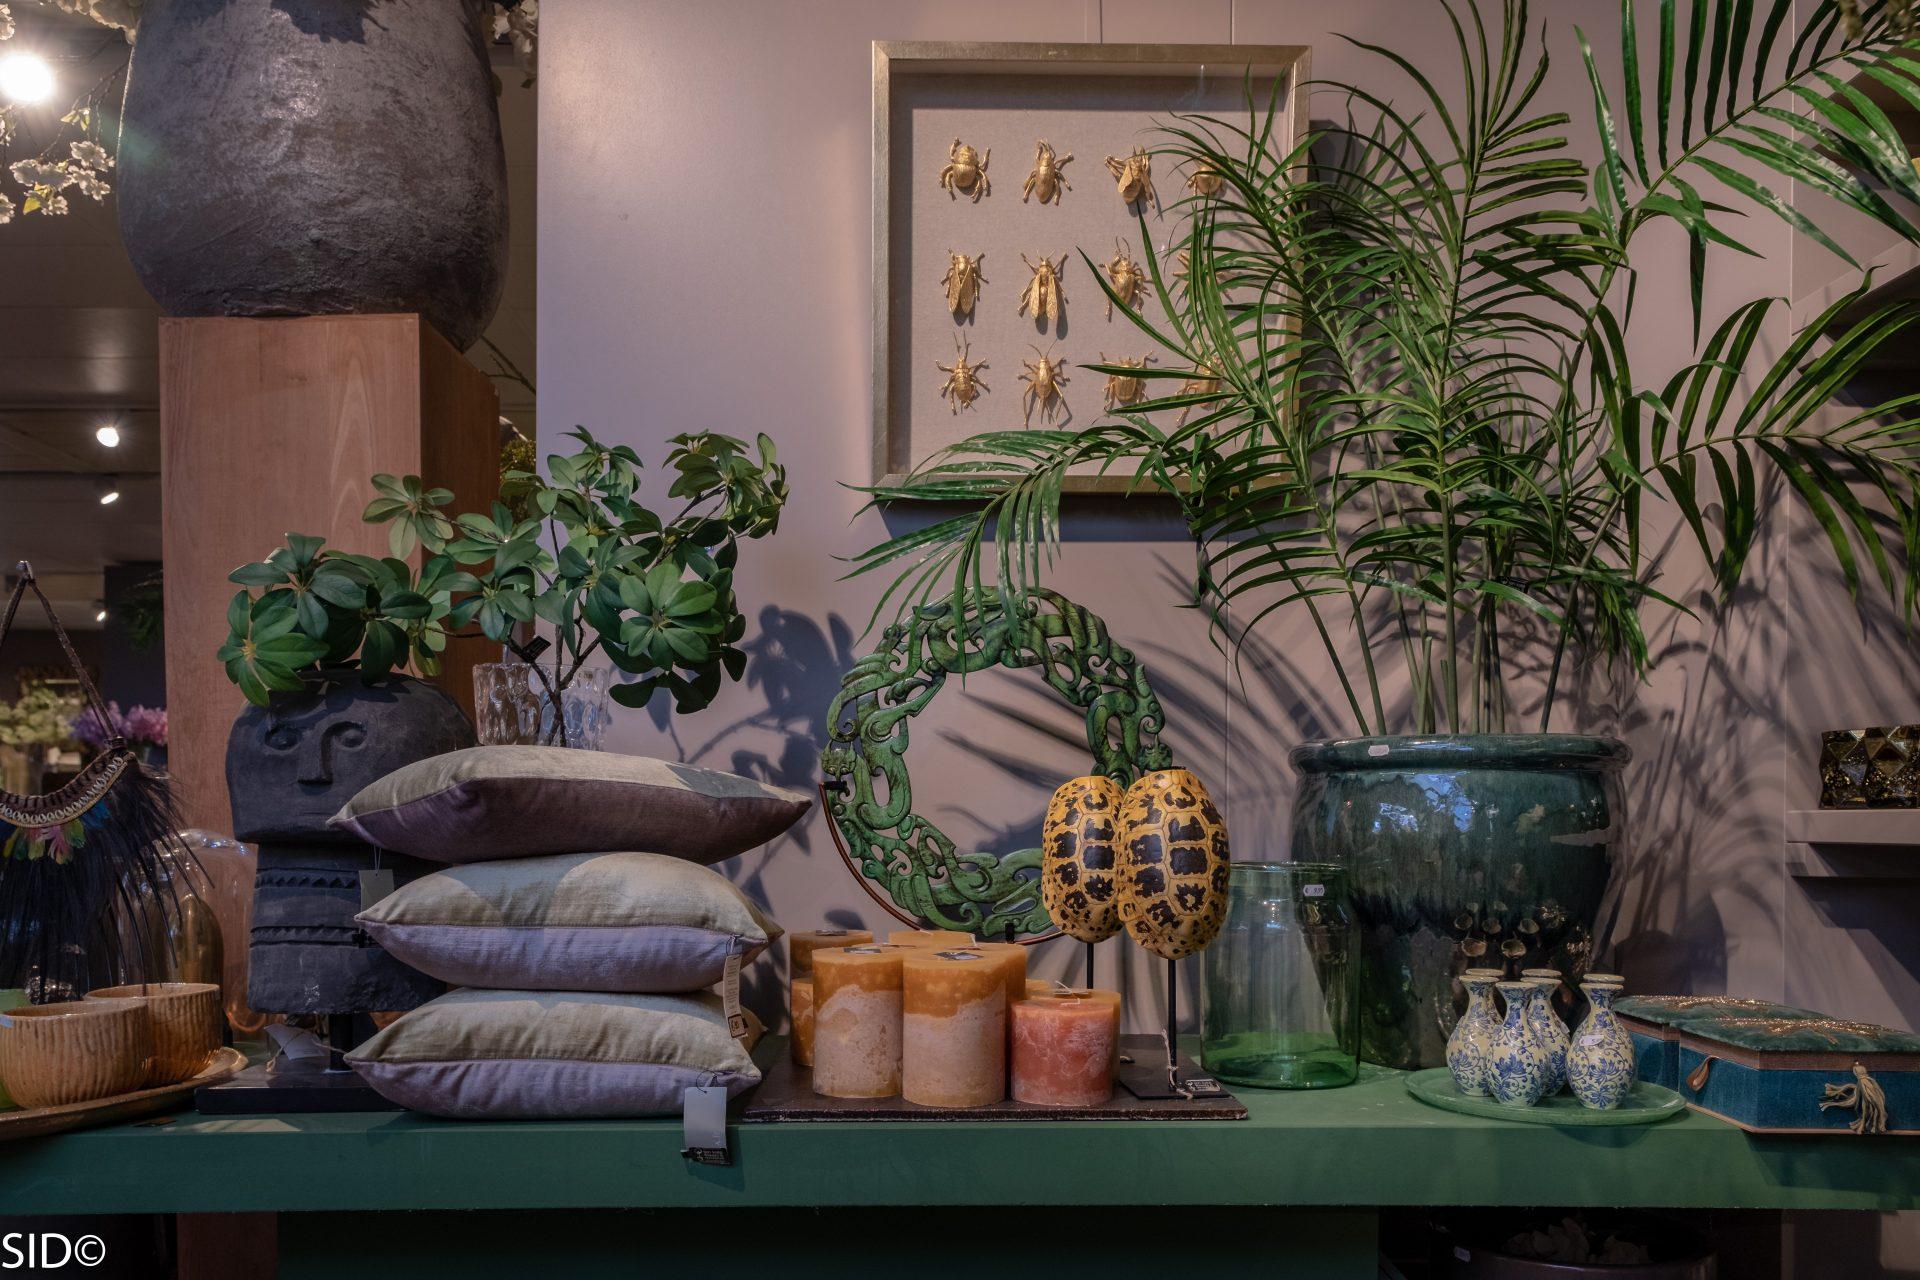 Kate Interieur Design Impressies.Ten Kate Flowers Decorations Het Is Tijd Voor De Herfst En